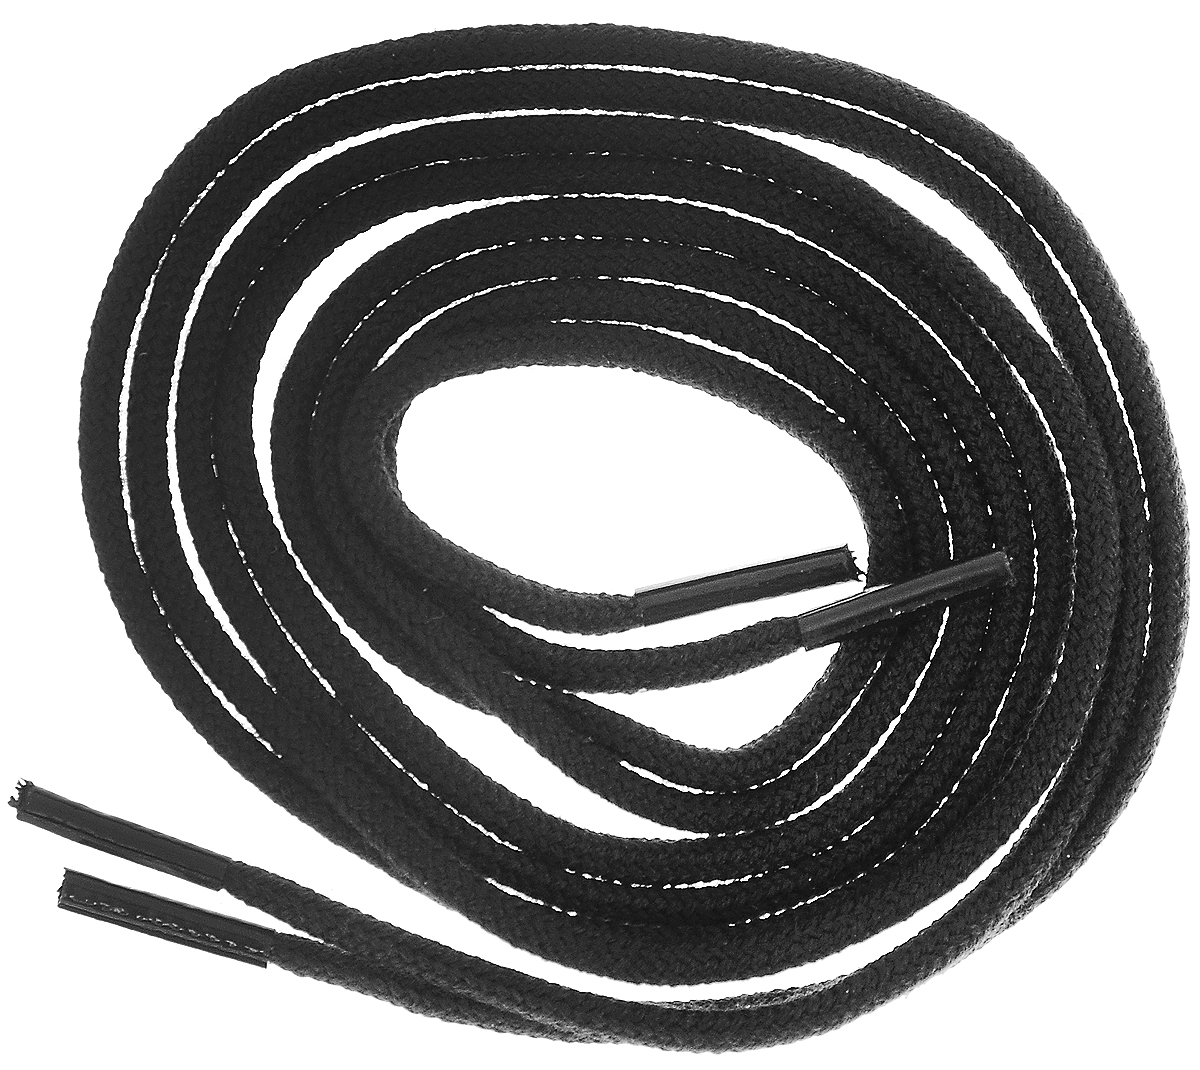 Шнурки тонкие Collonil Rund, цвет: черный, длина 60 см4302 000Тонкие шнурки Collonil Rund изготовлены из 75% хлопка и 25% полиамида. Крепкие и удобные шнурки являются неотъемлемым аксессуаром и подходят для ношения модельной или предназначенной для отдыха и туризма обуви. Подходят для обуви с восемью отверстиями.